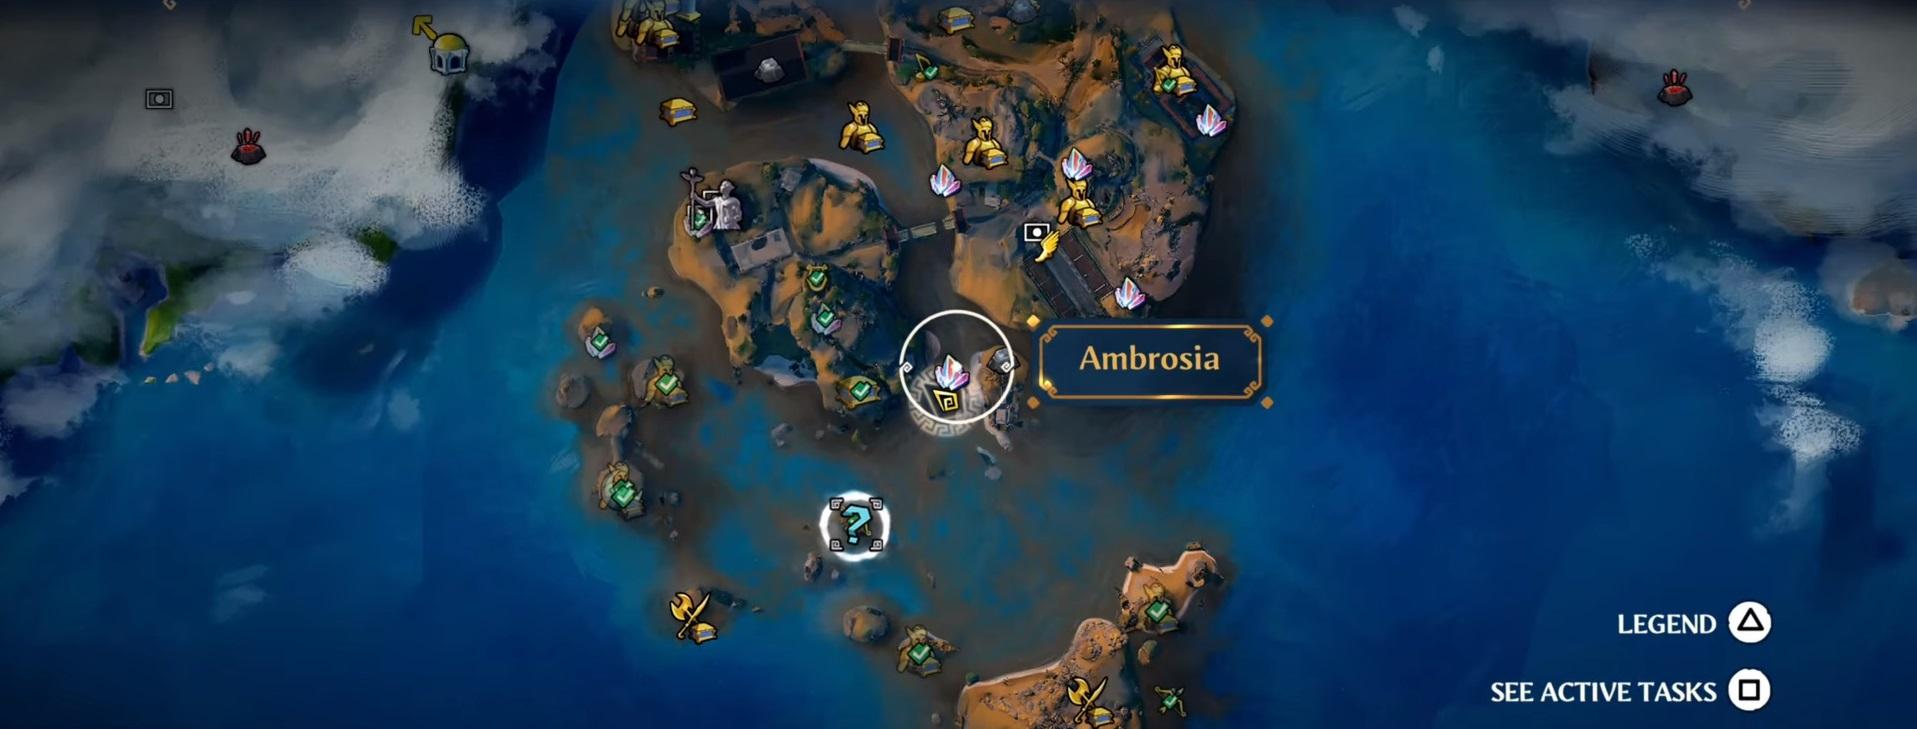 immortals Fenyx Rising Ambrosia 4